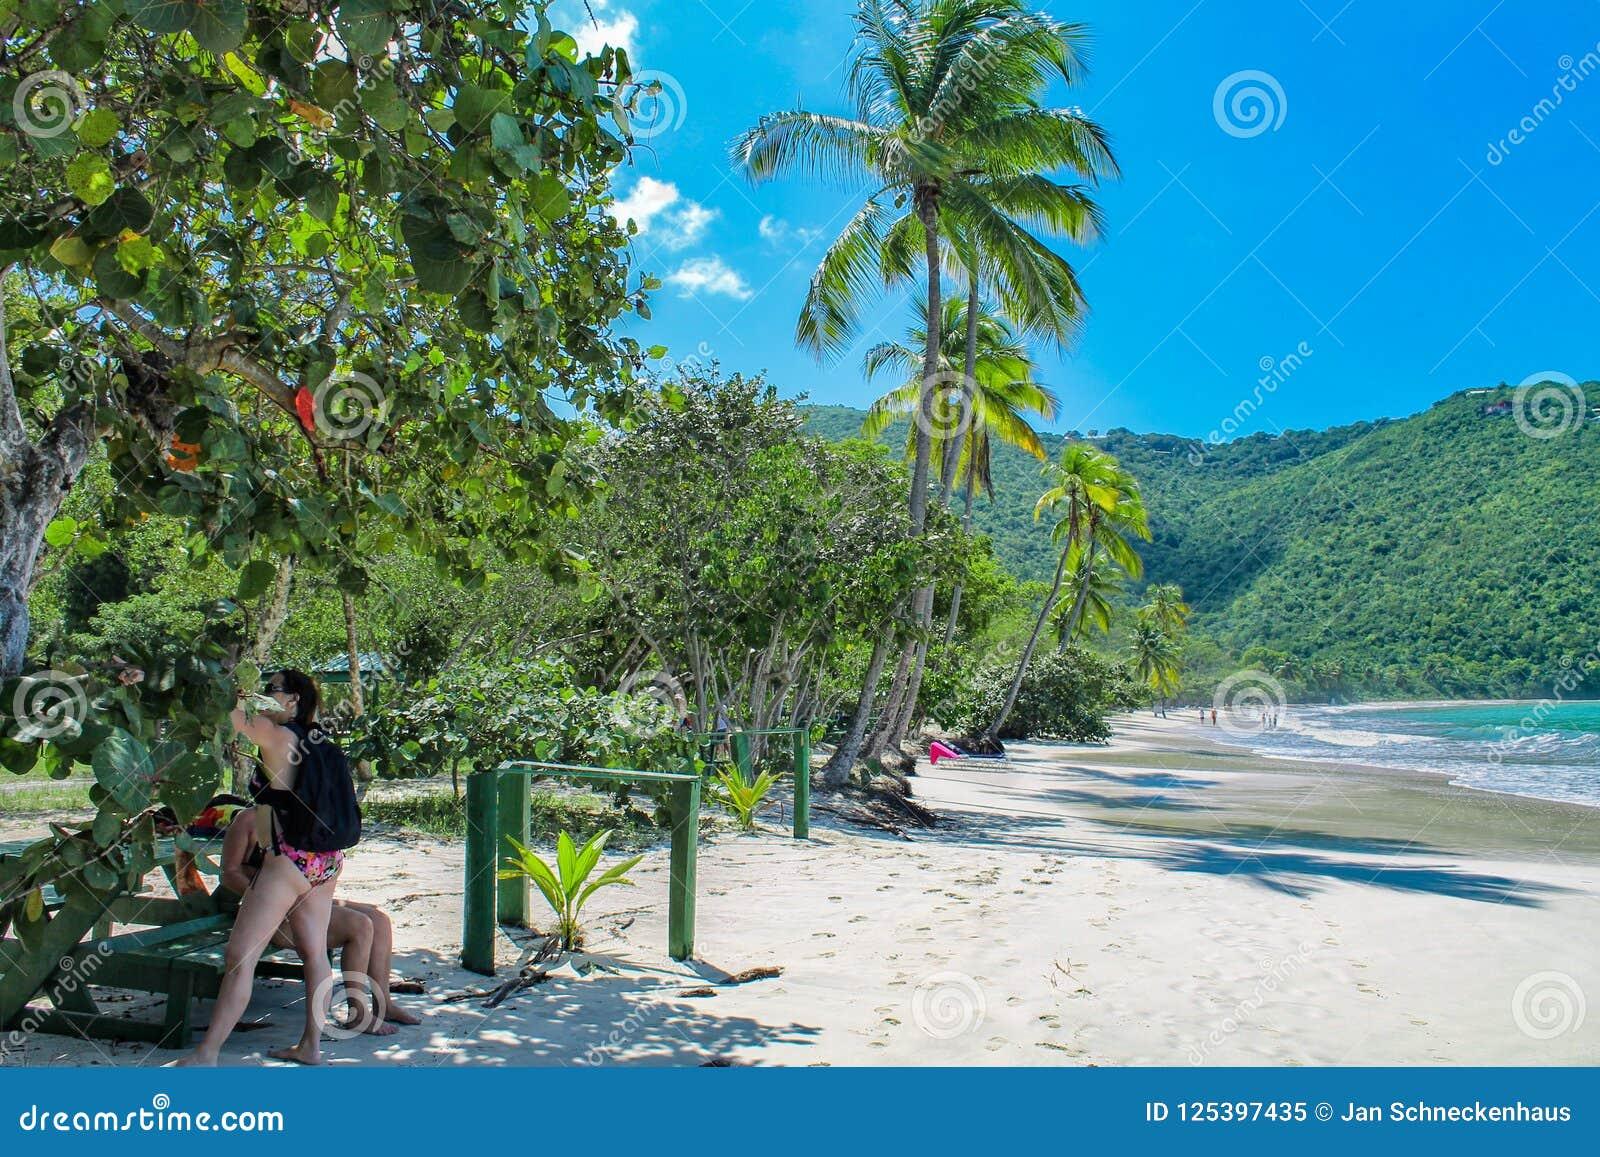 La playa en la bahía de Magens en St Thomas - Islas Vírgenes de los E.E.U.U.